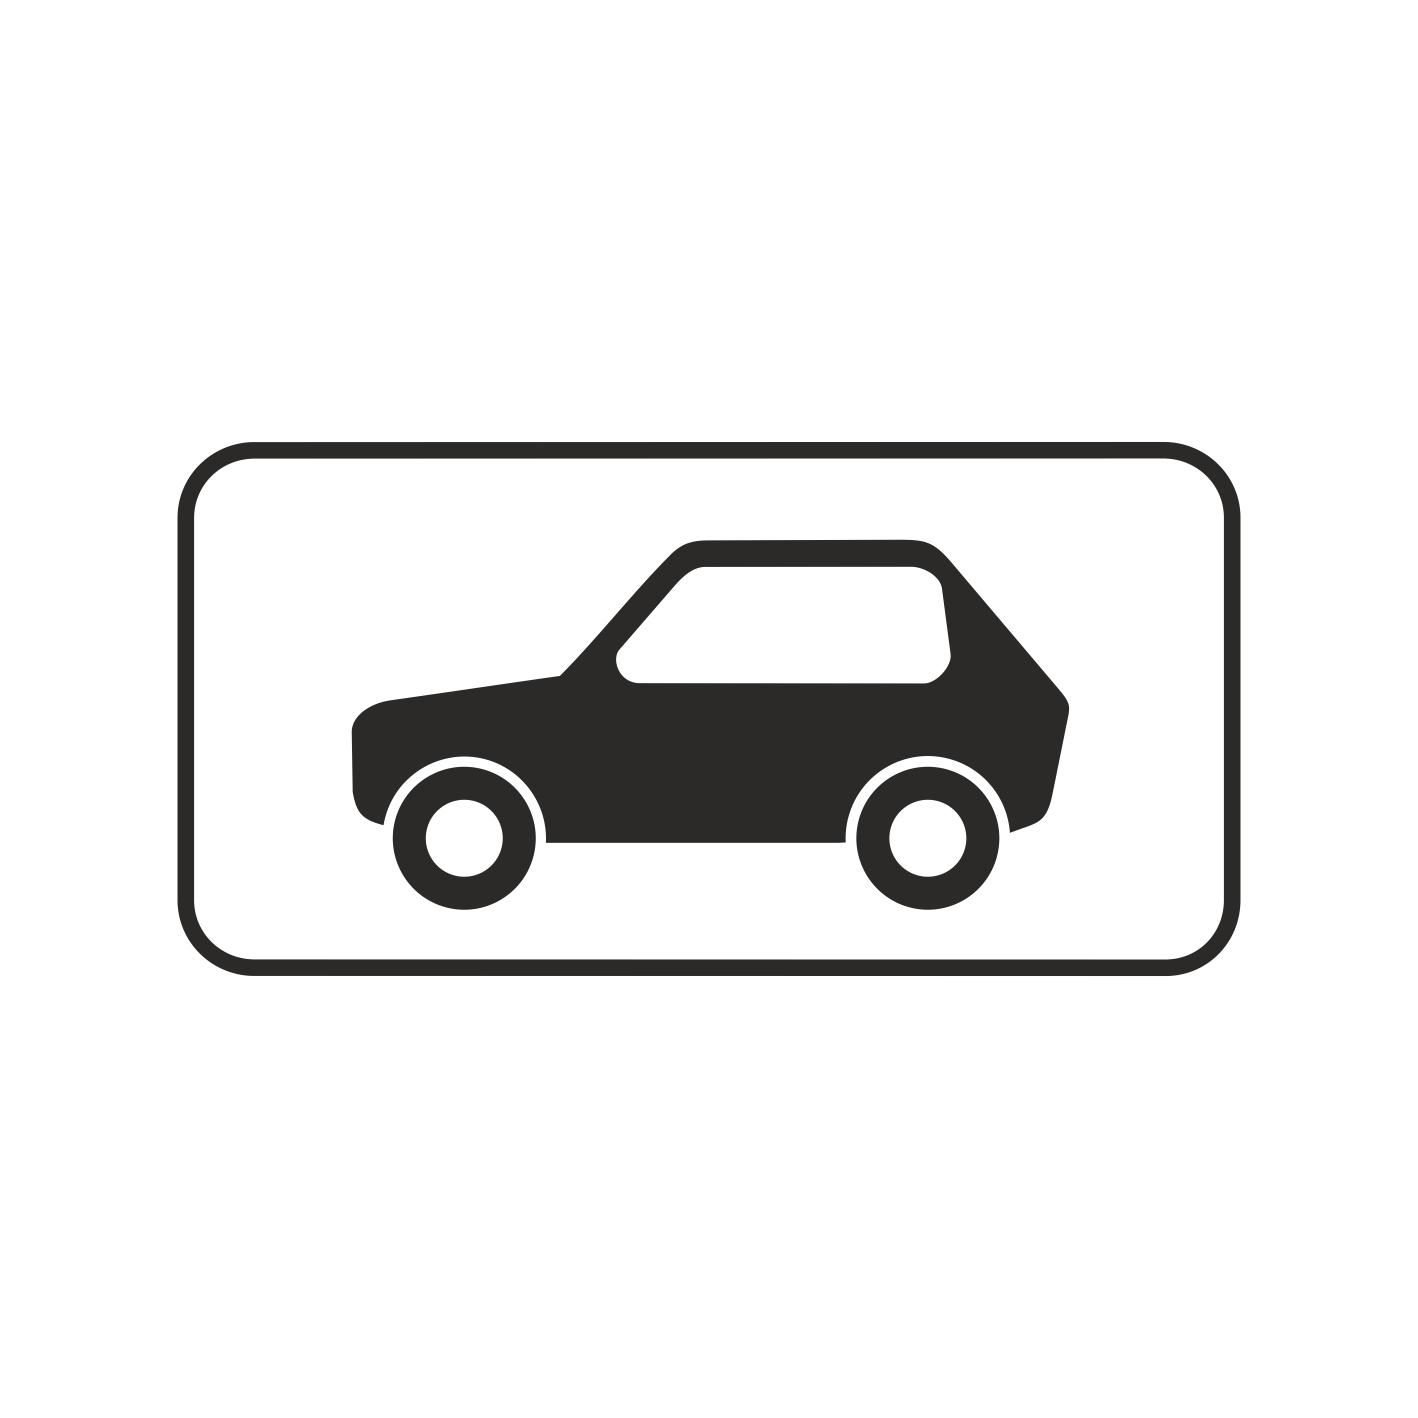 8.4.3 Вид транспортного средства